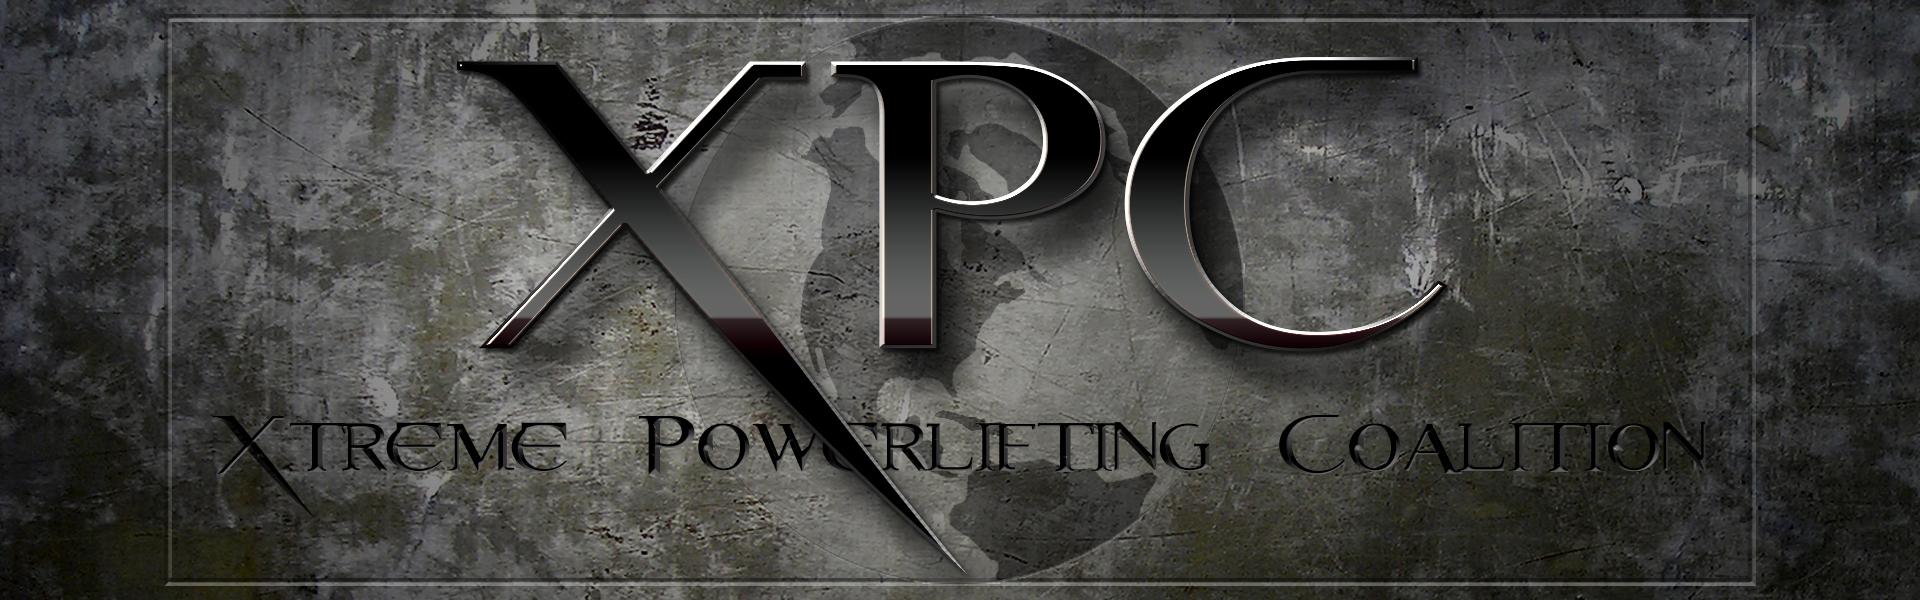 Xtreme powerlifting coalition